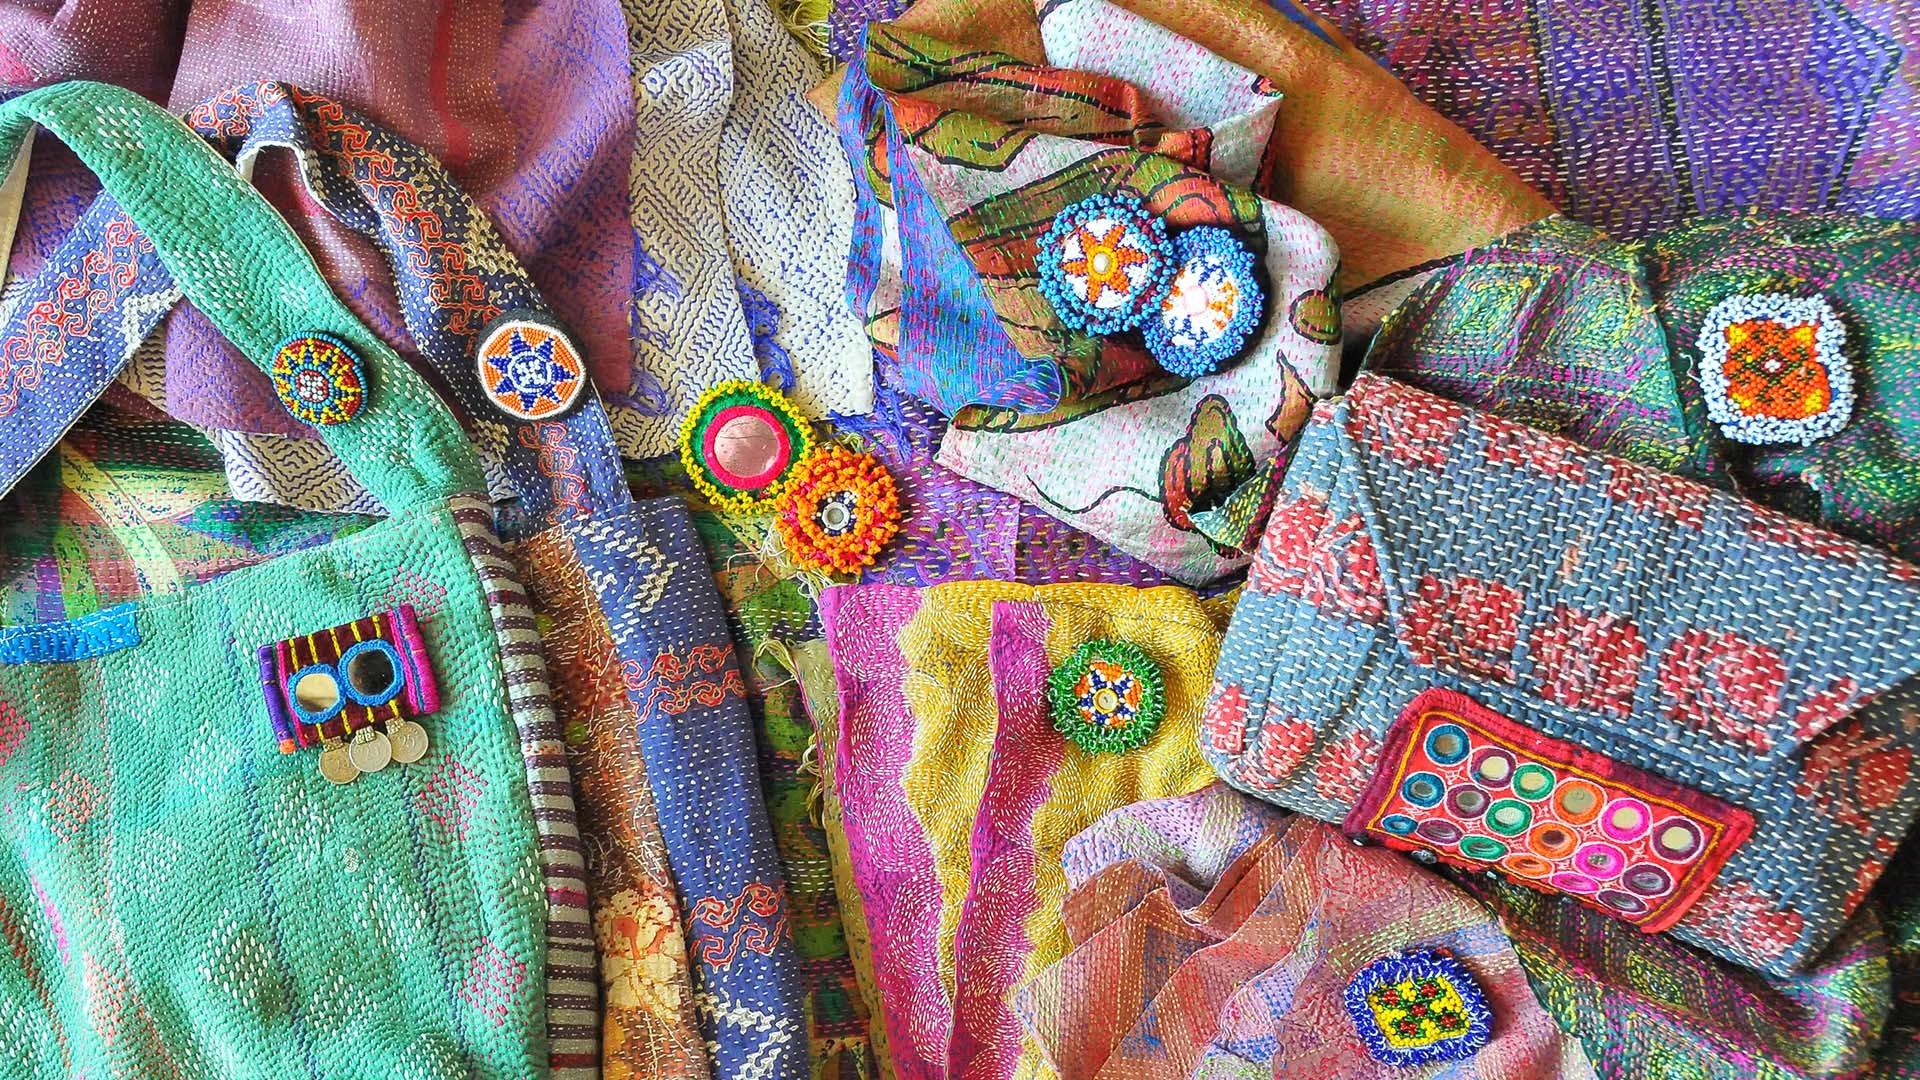 ポキラボ -インド・ウズベキスタンの手仕事展-